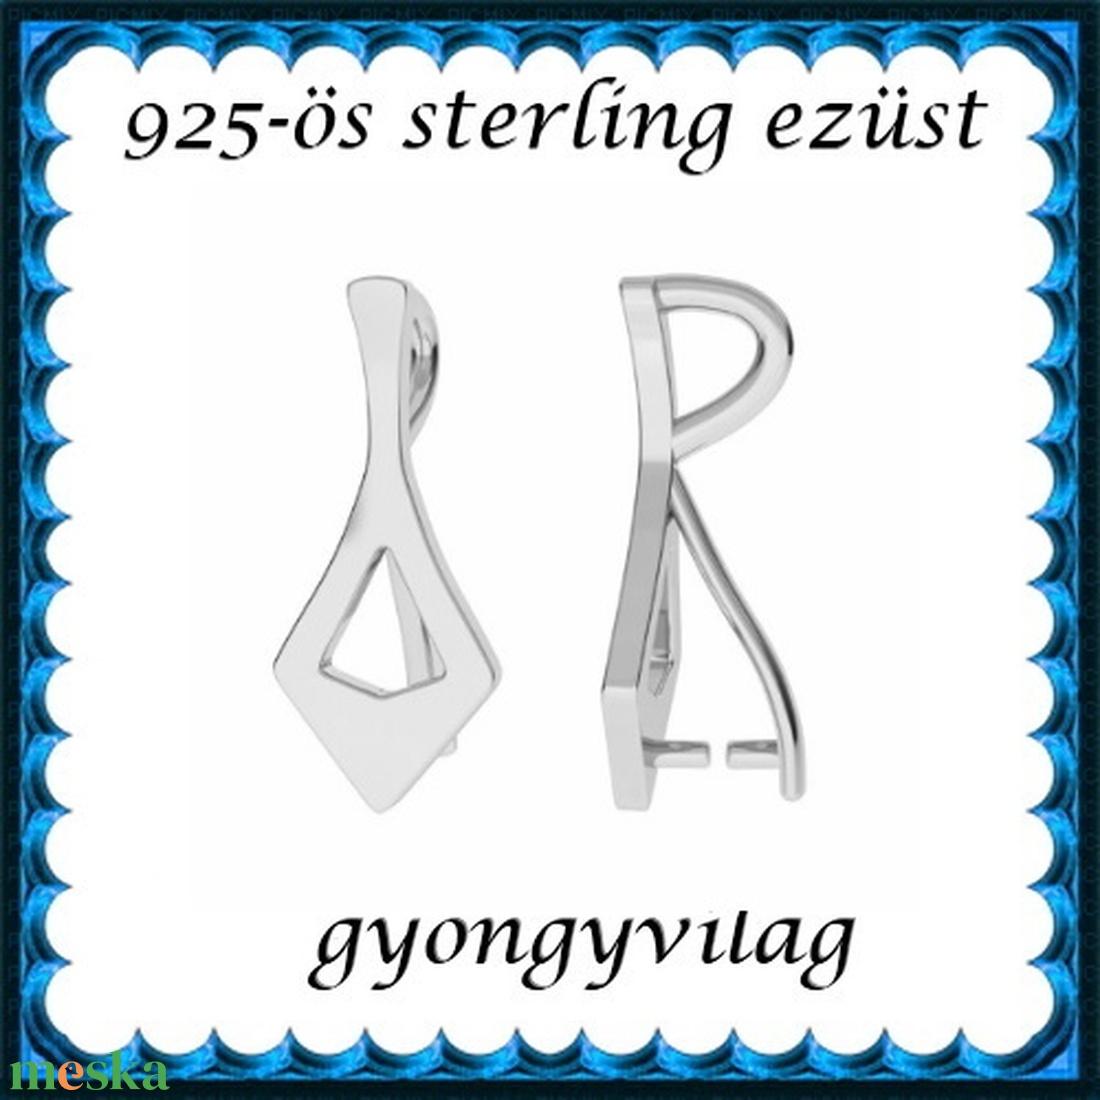 925-ös sterling ezüst ékszerkellék: medáltartó, medálkapocs EMK 86 - gyöngy, ékszerkellék - egyéb alkatrész - Meska.hu